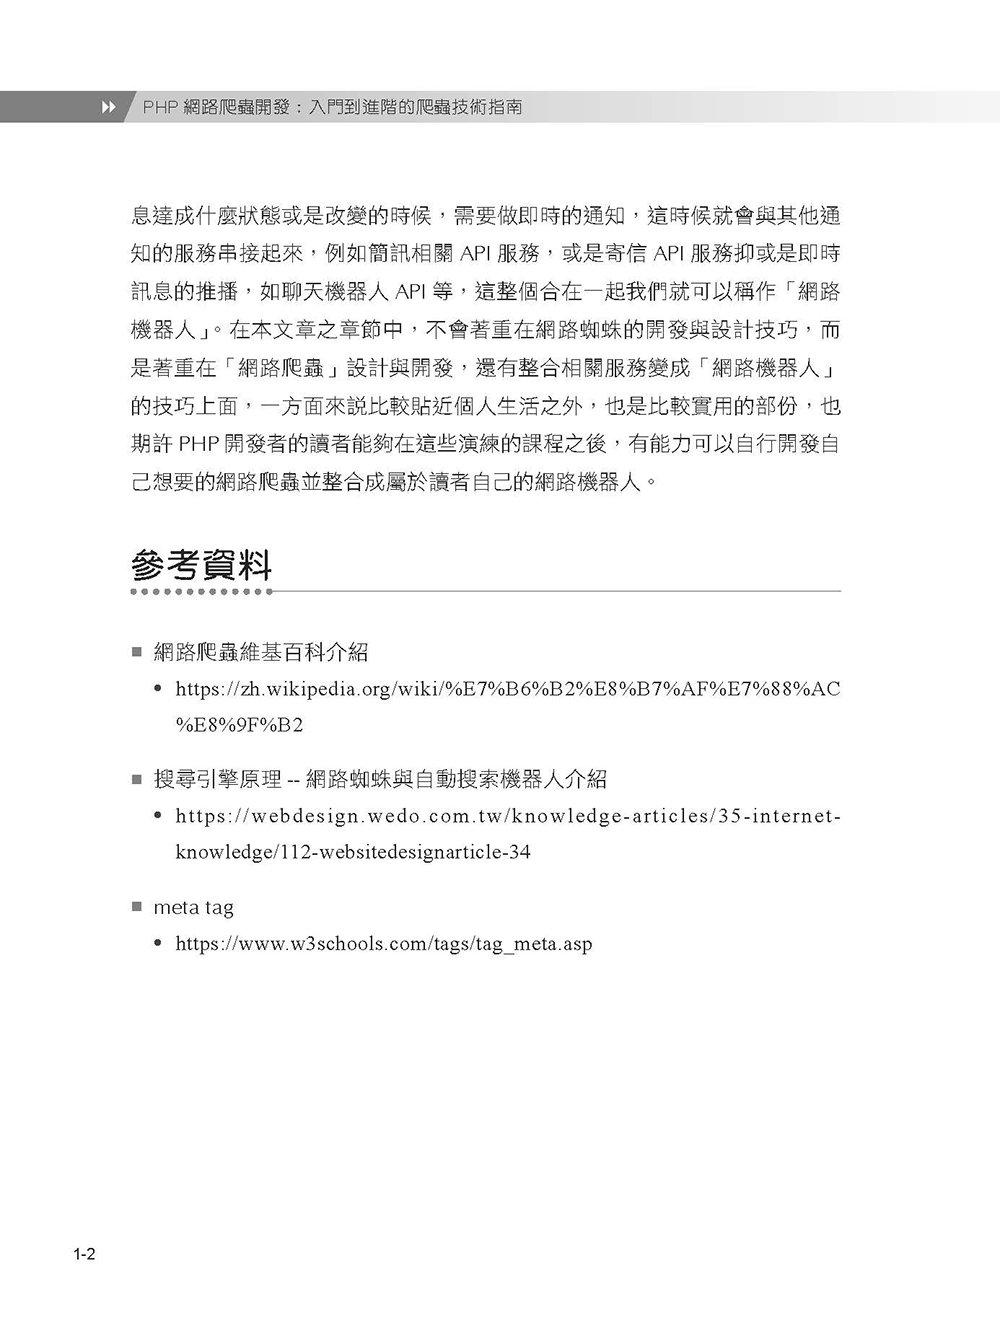 PHP 網路爬蟲開發:入門到進階的爬蟲技術指南(iT邦幫忙鐵人賽系列書)-preview-4